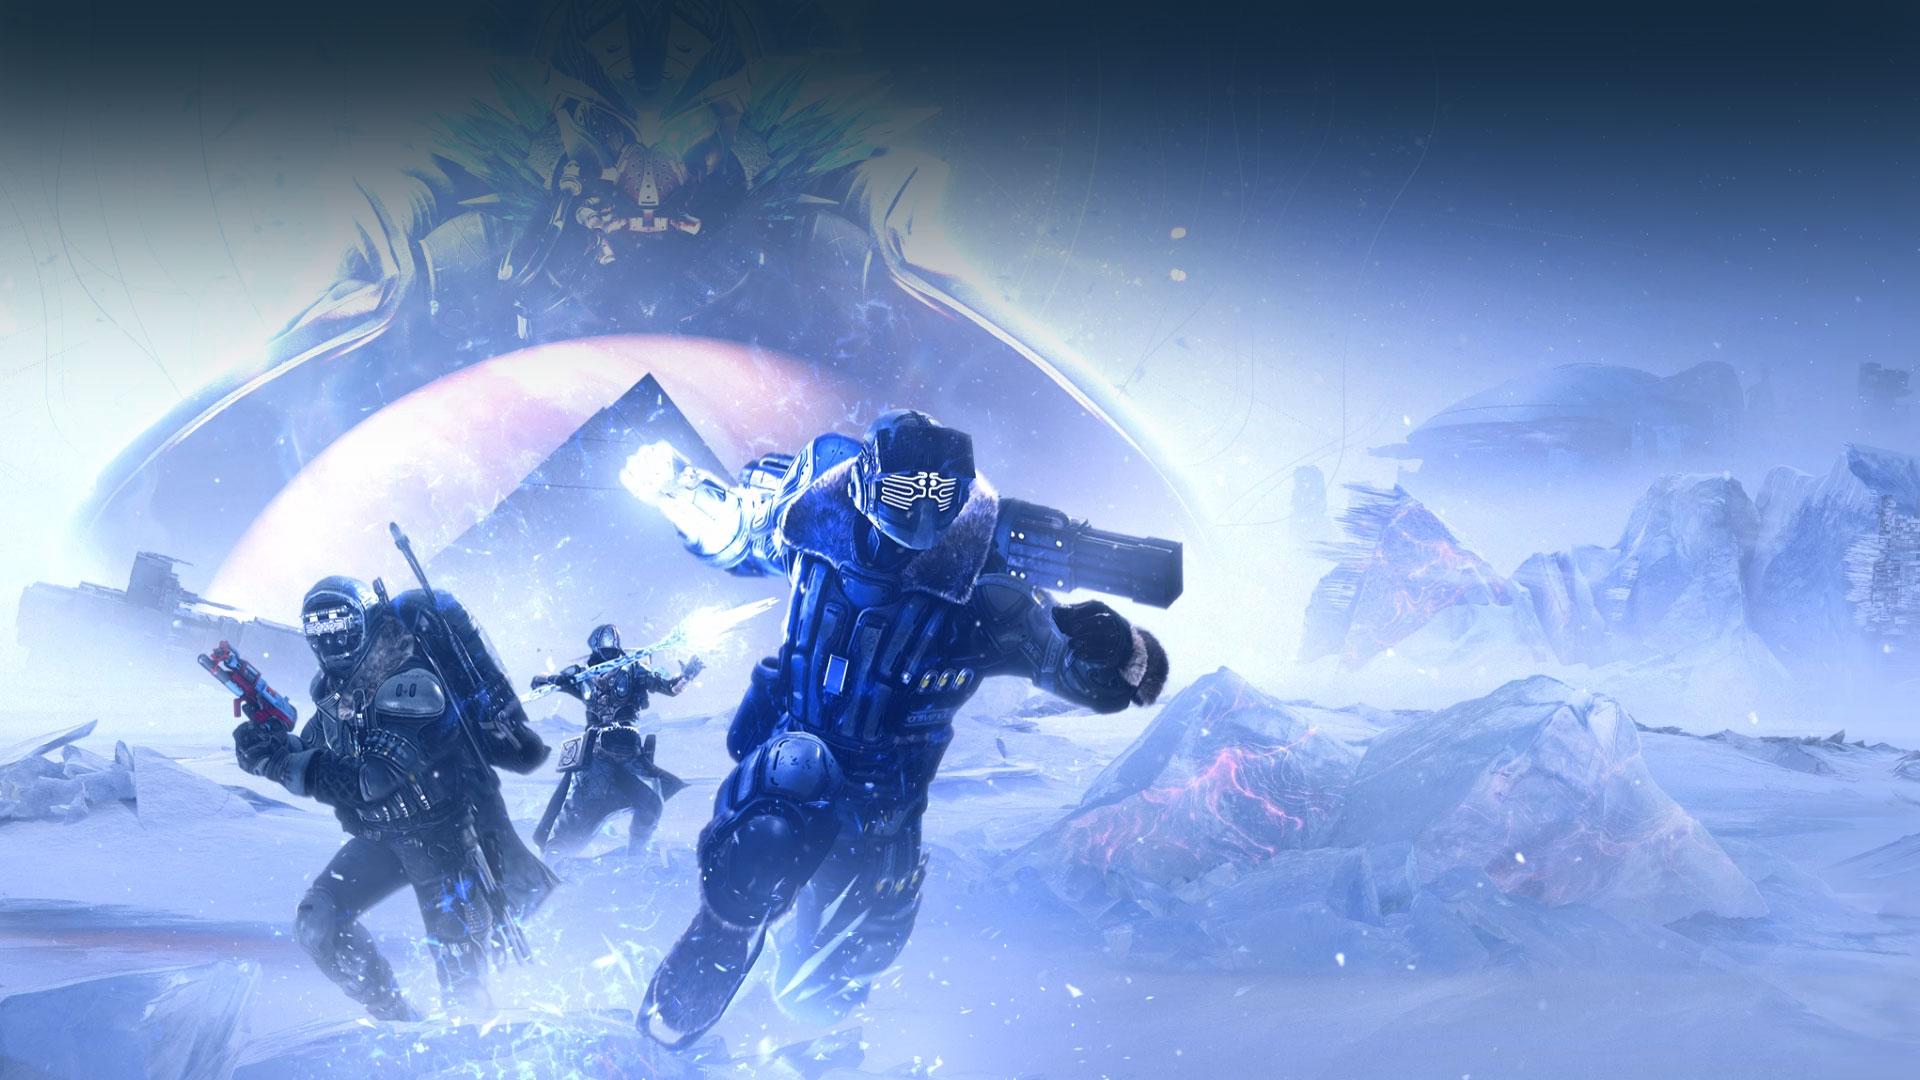 Copies of Copies Challenge Destiny 2 Guide